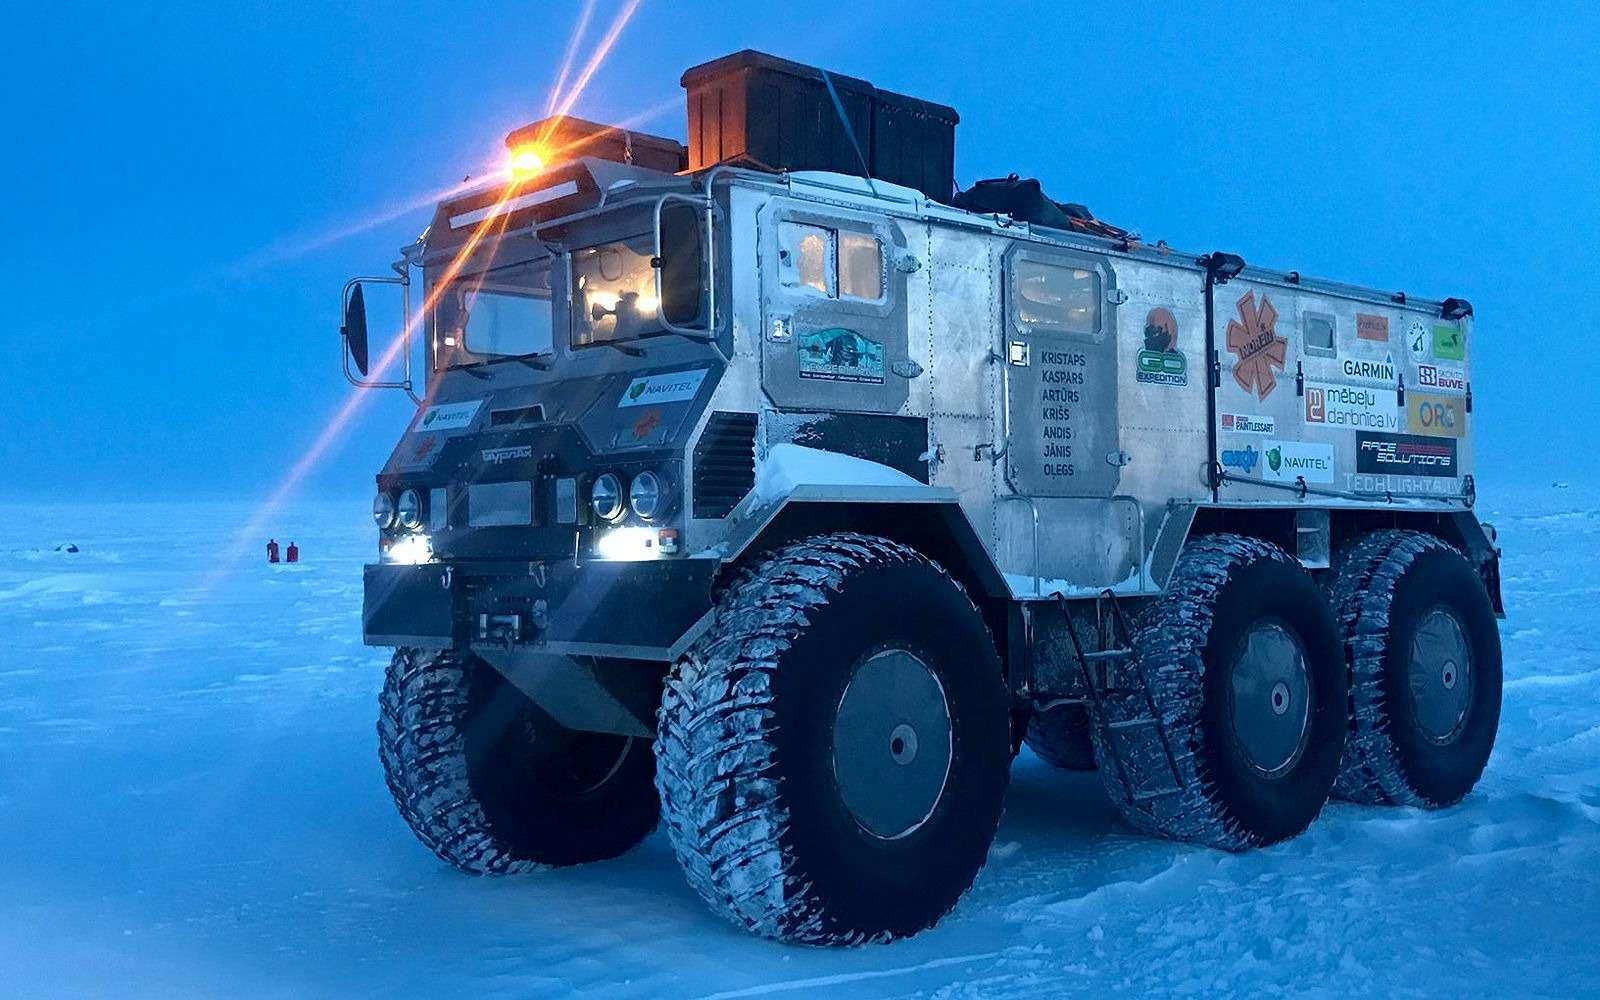 Вездеход «Бурлак»: лучшая машина дляснежных пустынь— фото 1001660